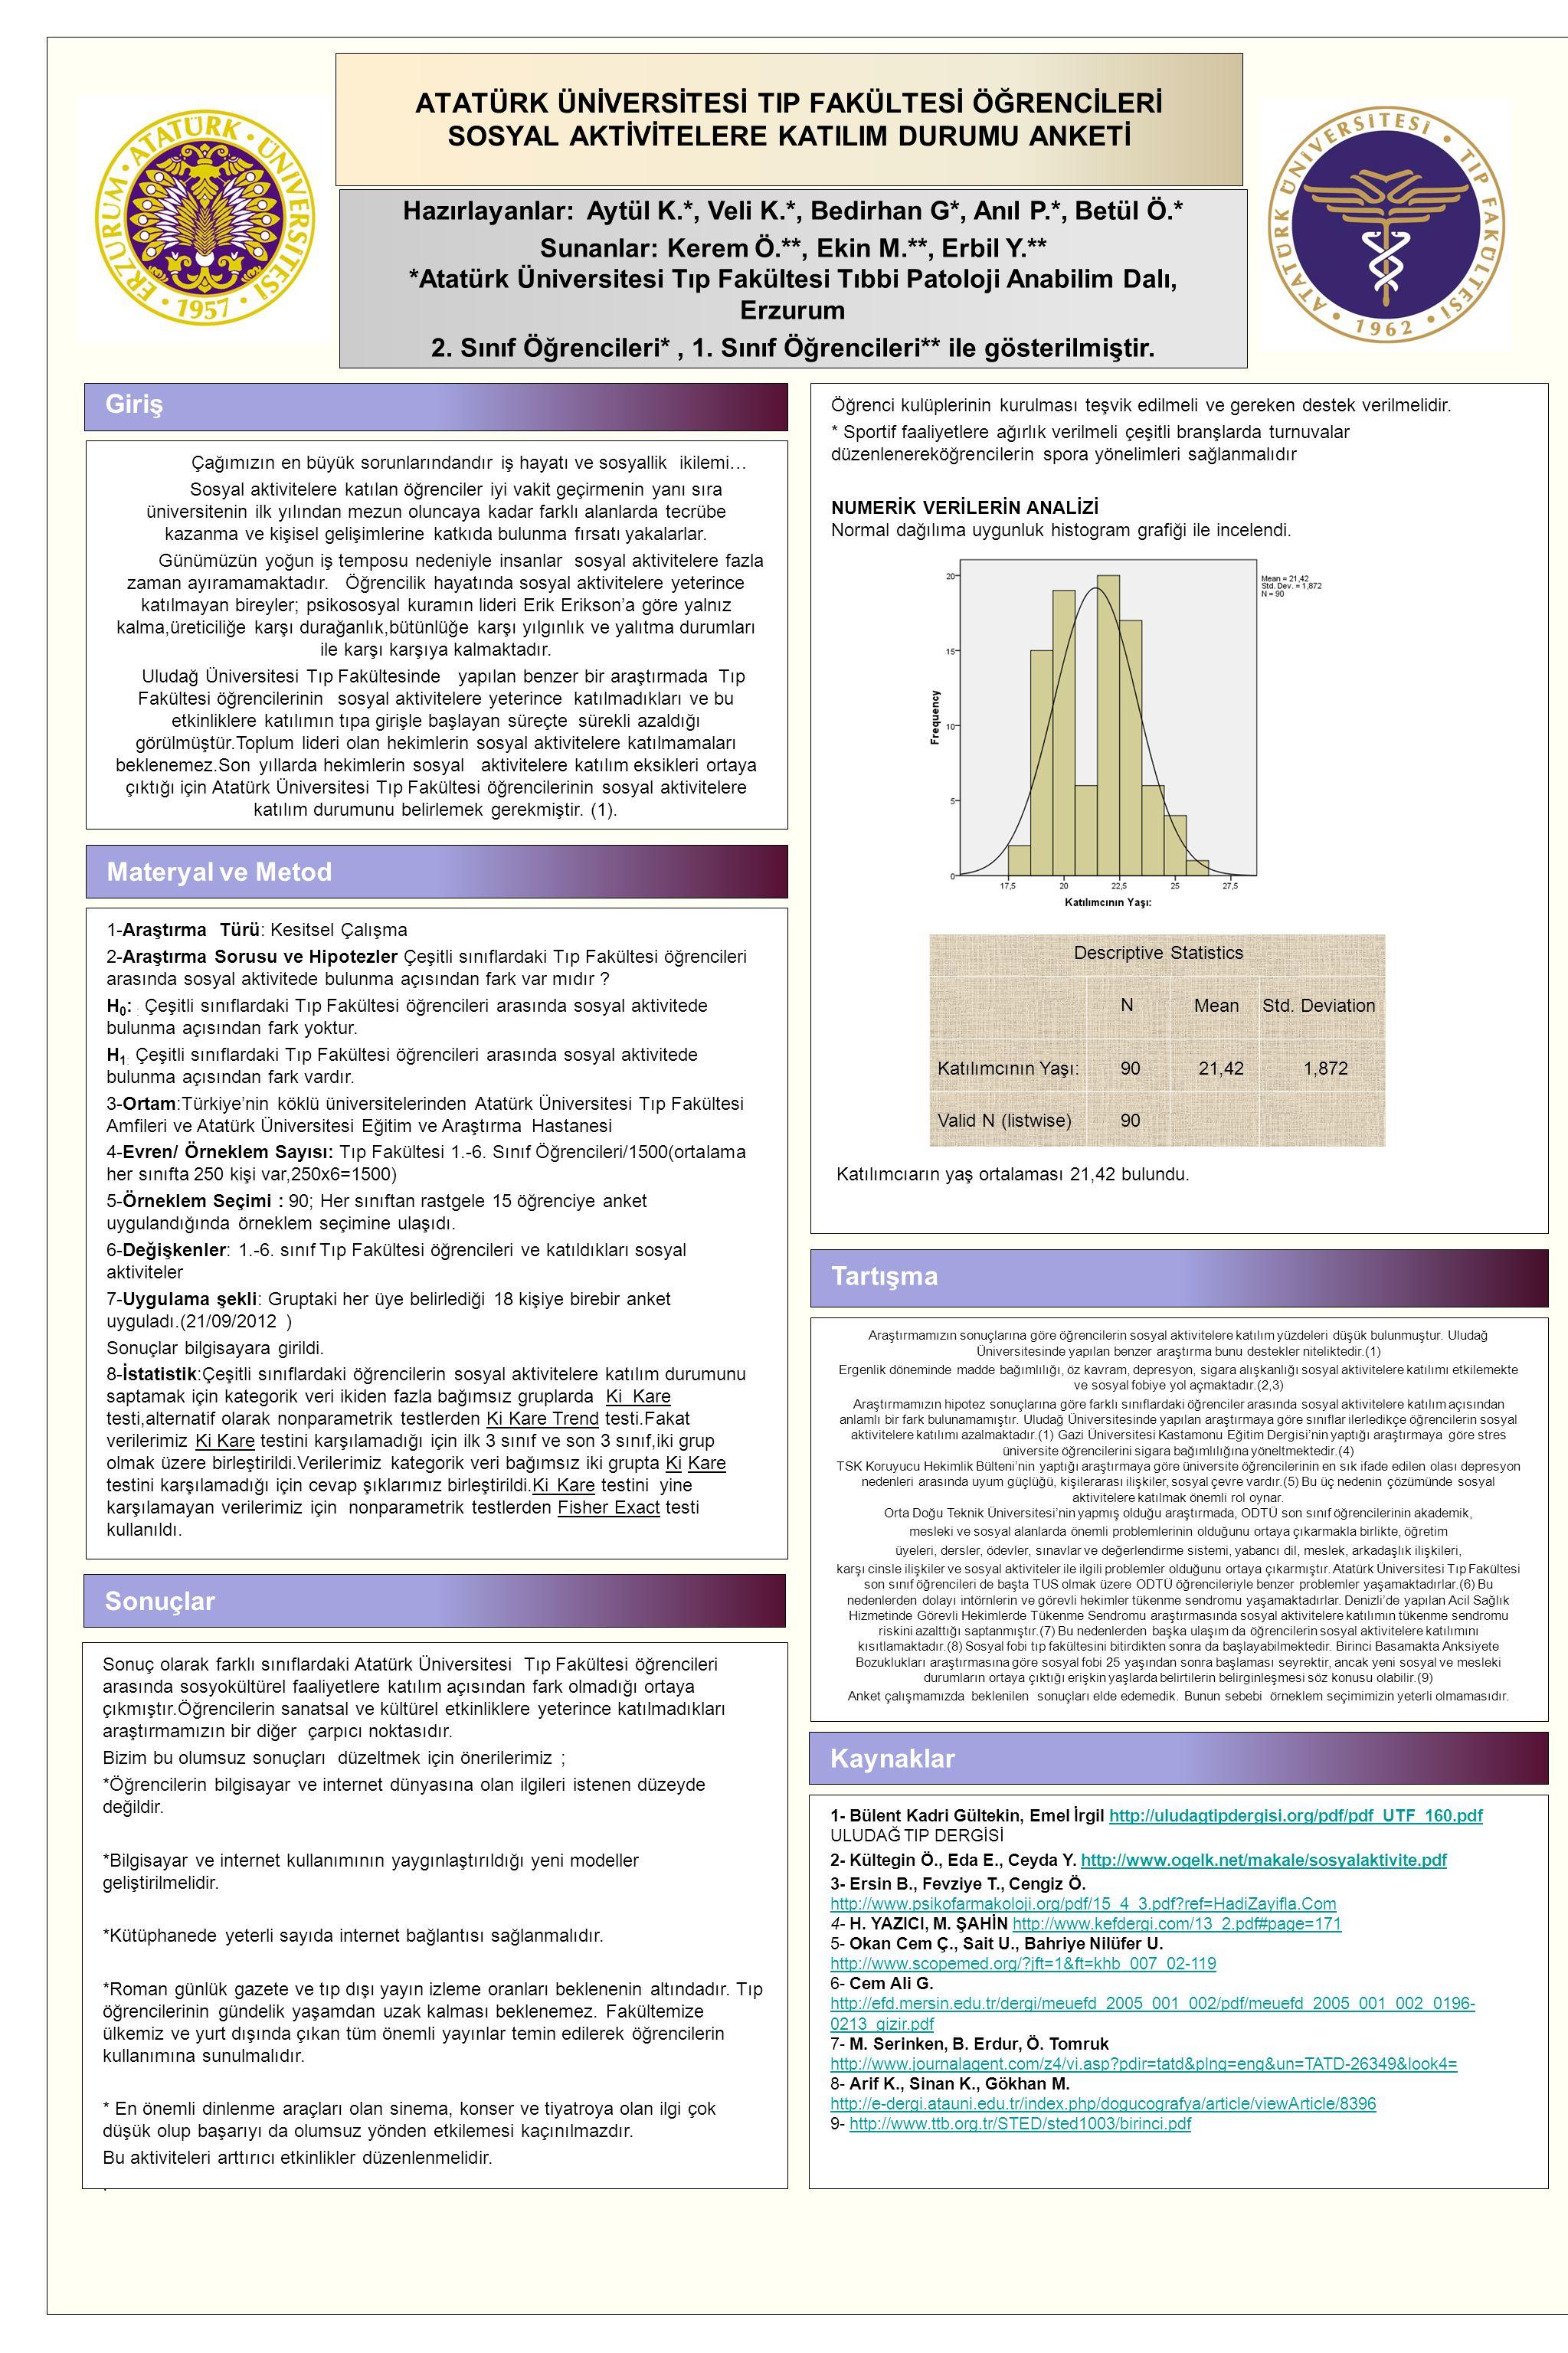 ATATÜRK ÜNİVERSİTESİ TIP FAKÜLTESİ ÖĞRENCİLERİ SOSYAL AKTİVİTELERE KATILIM DURUMU ANKETİ Giriş 1-Araştırma Türü: Kesitsel Çalışma 2-Araştırma Sorusu v